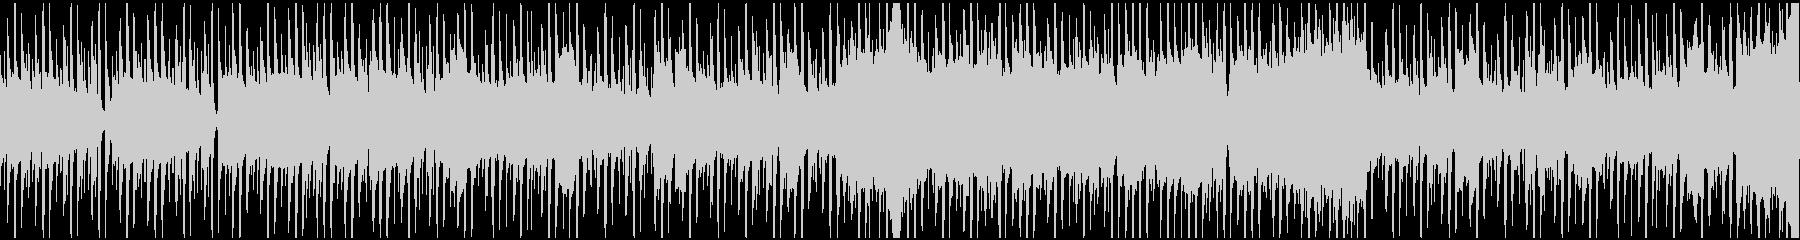 スタイリッシュ スピード感 ループの未再生の波形